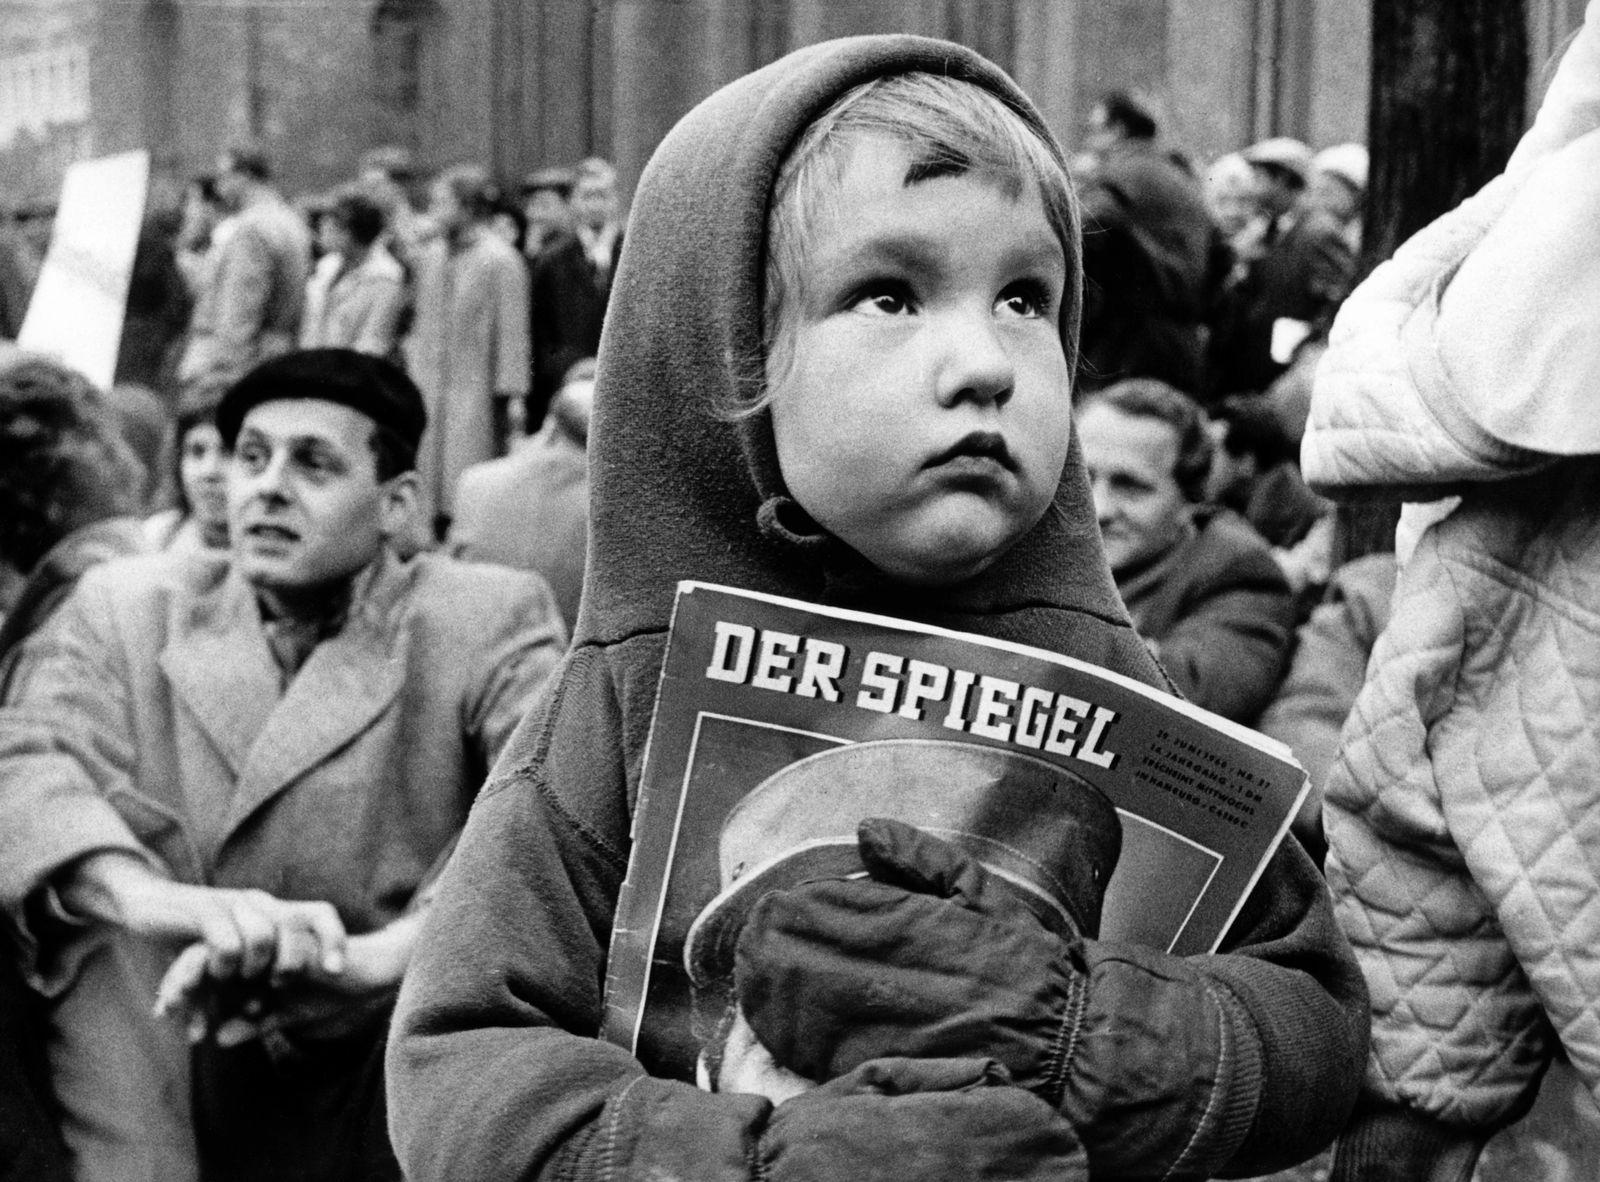 """EINMALIGE VERWENDUNG Studentendemonstration gegen """"Spiegel"""" - Aktion"""